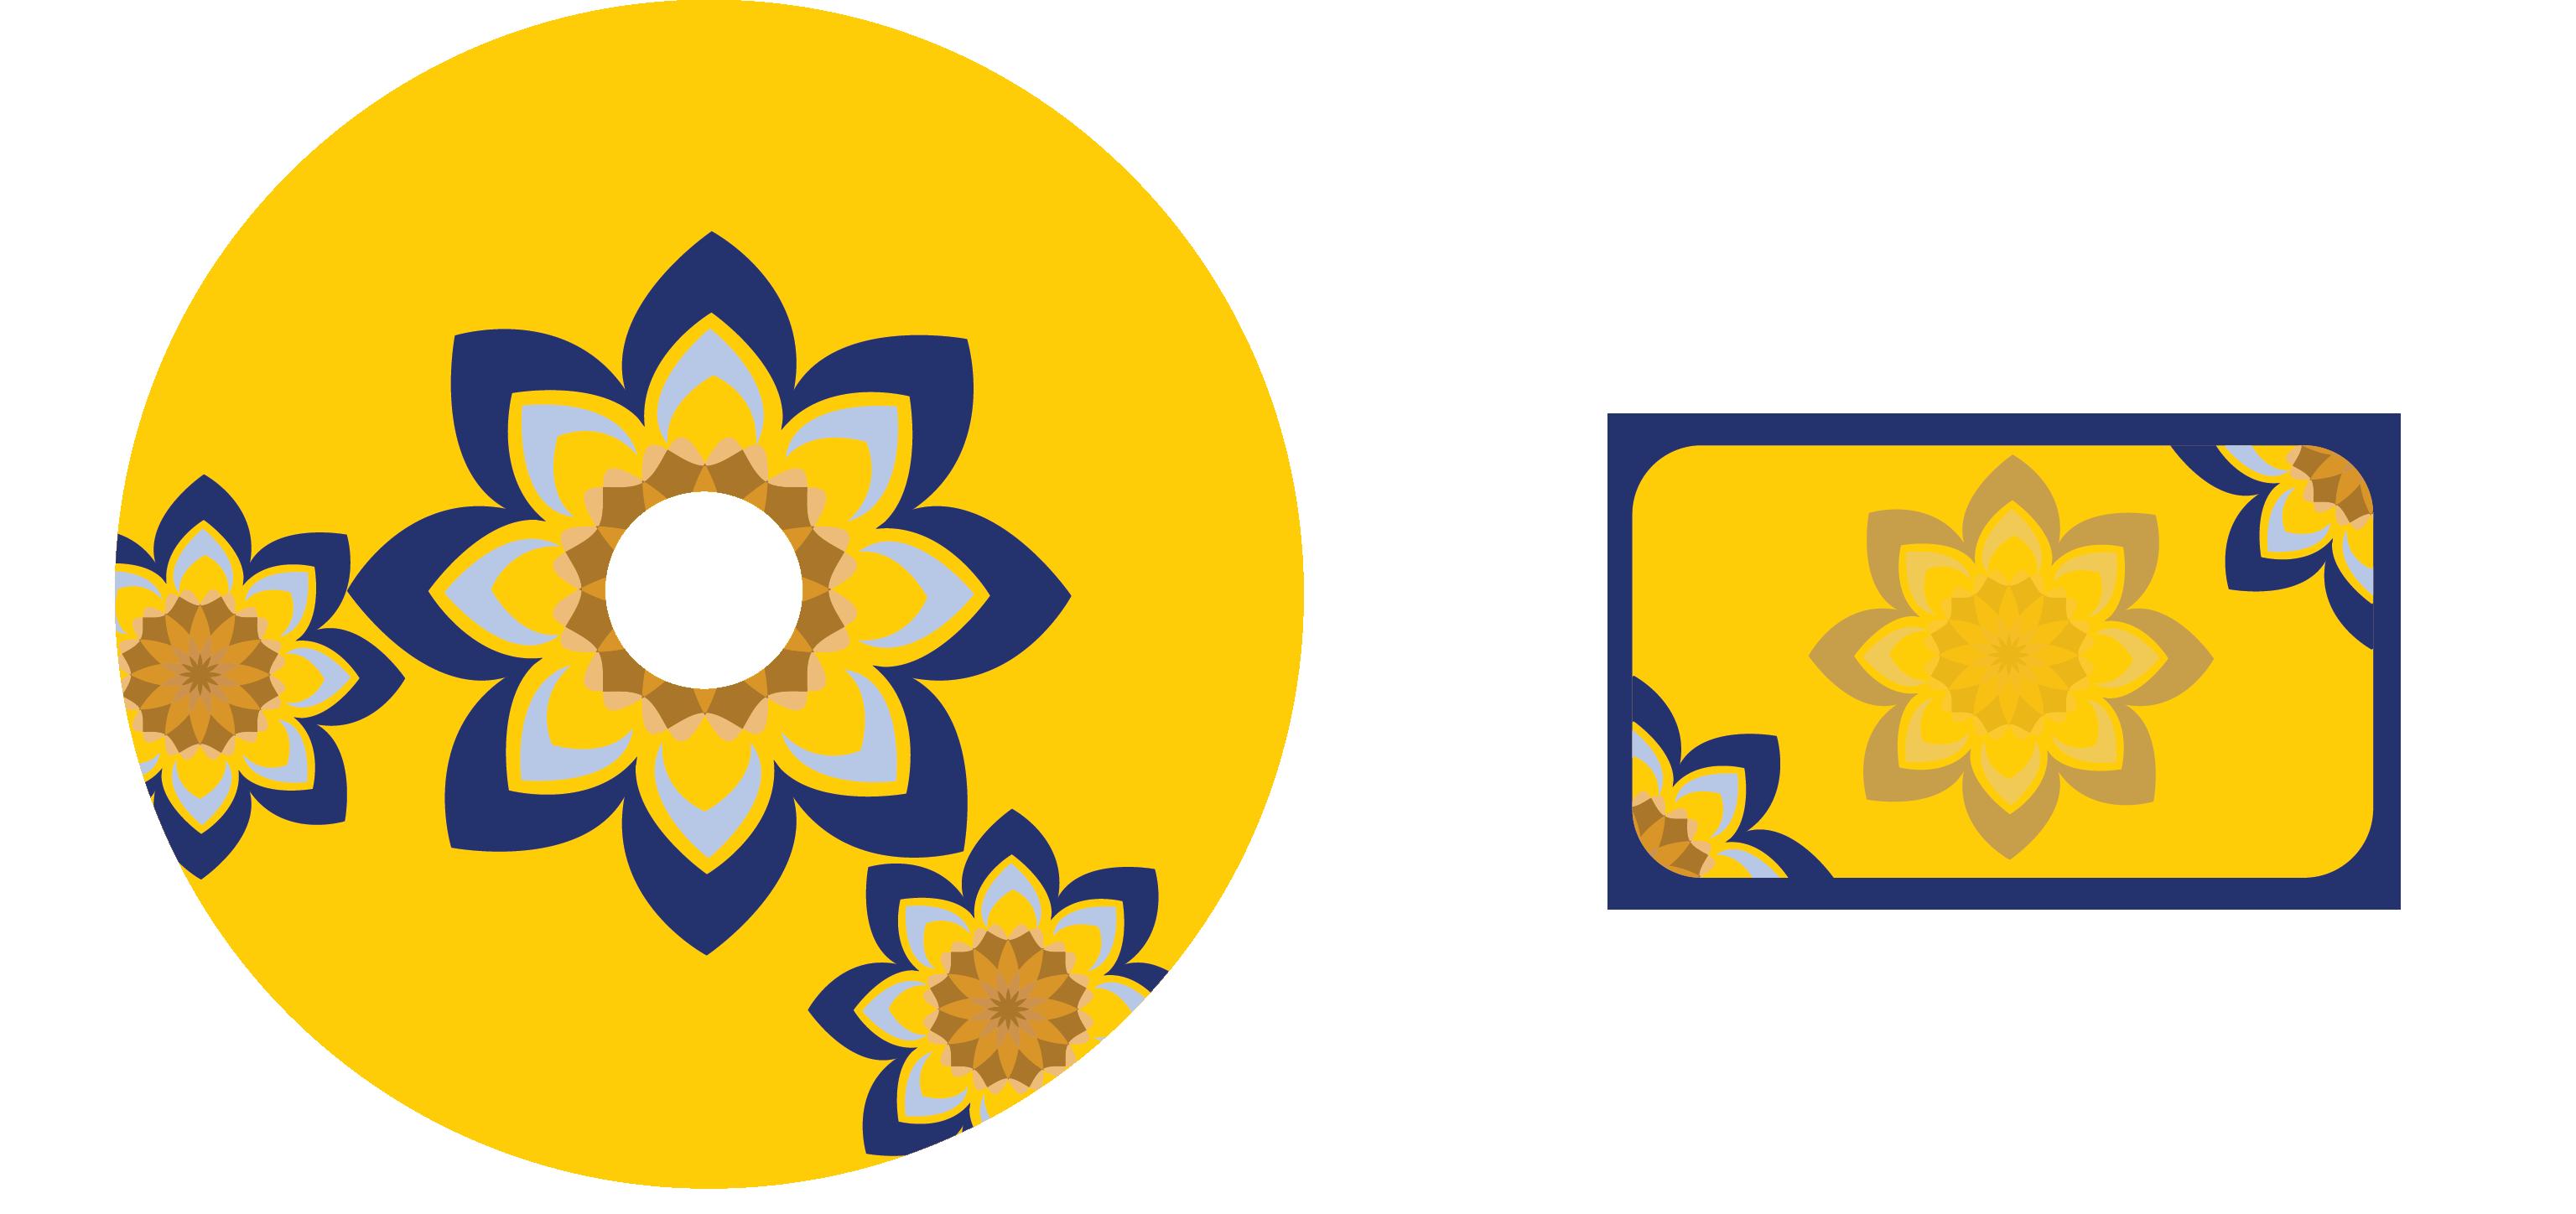 cd&kart